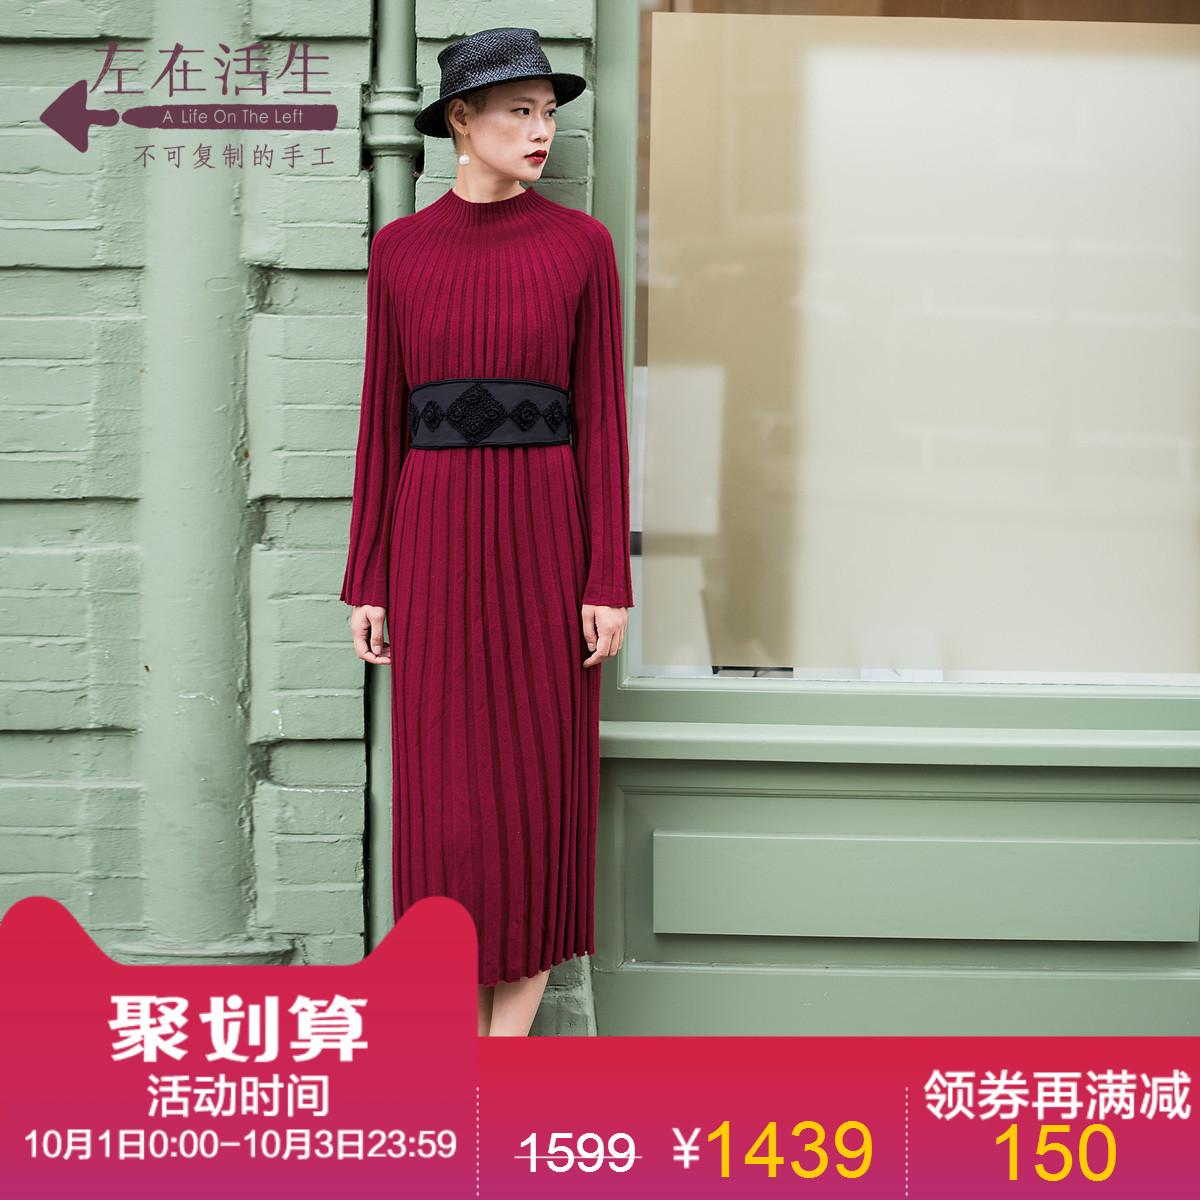 生活在左2018新款秋冬女士气质半高领羊绒长袖连衣裙休闲过膝长裙